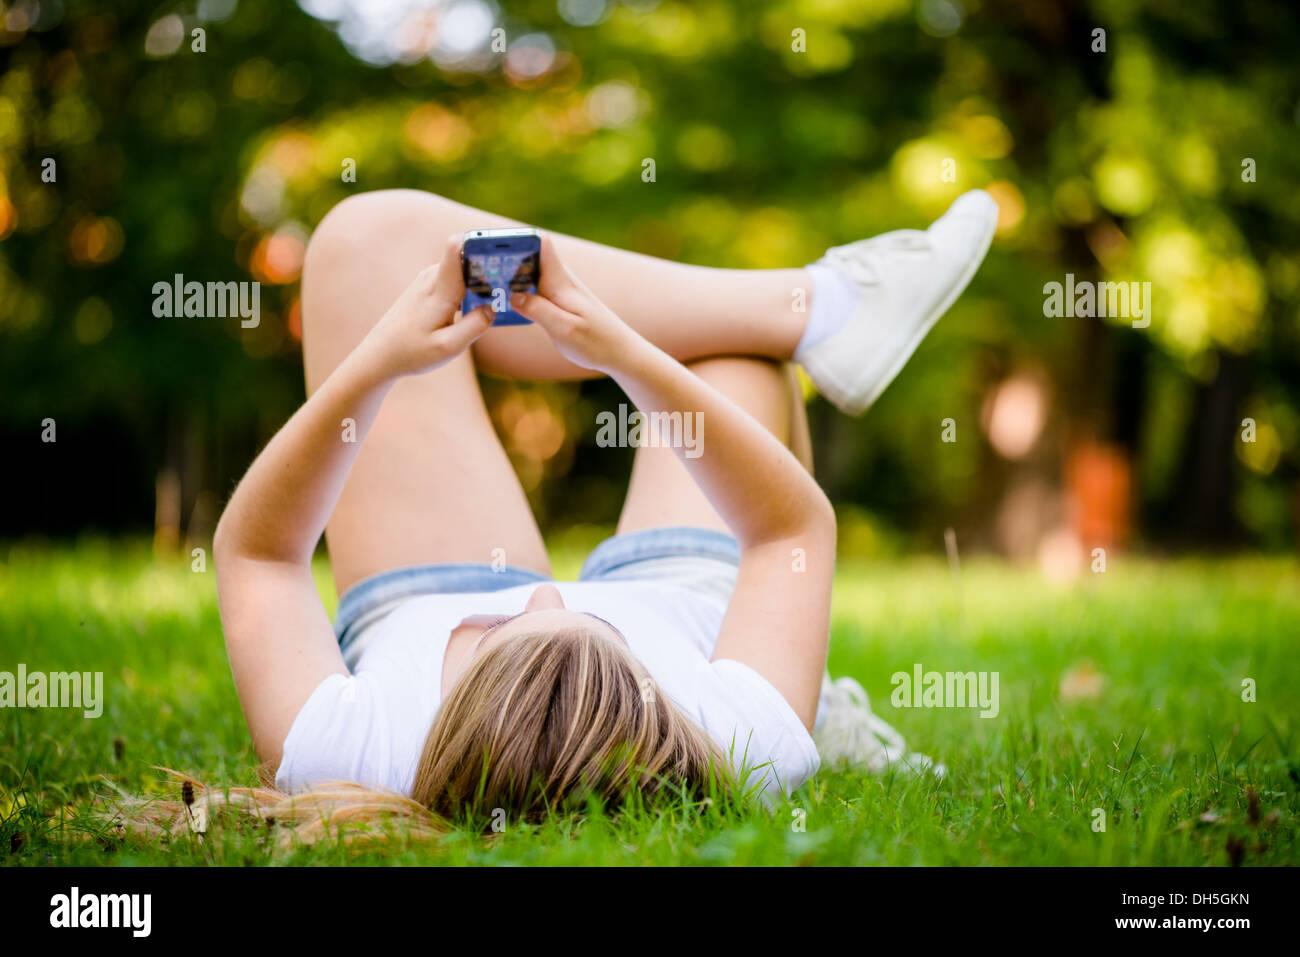 Mujer joven tumbado en la hierba y trabajar con el smartphone Imagen De Stock